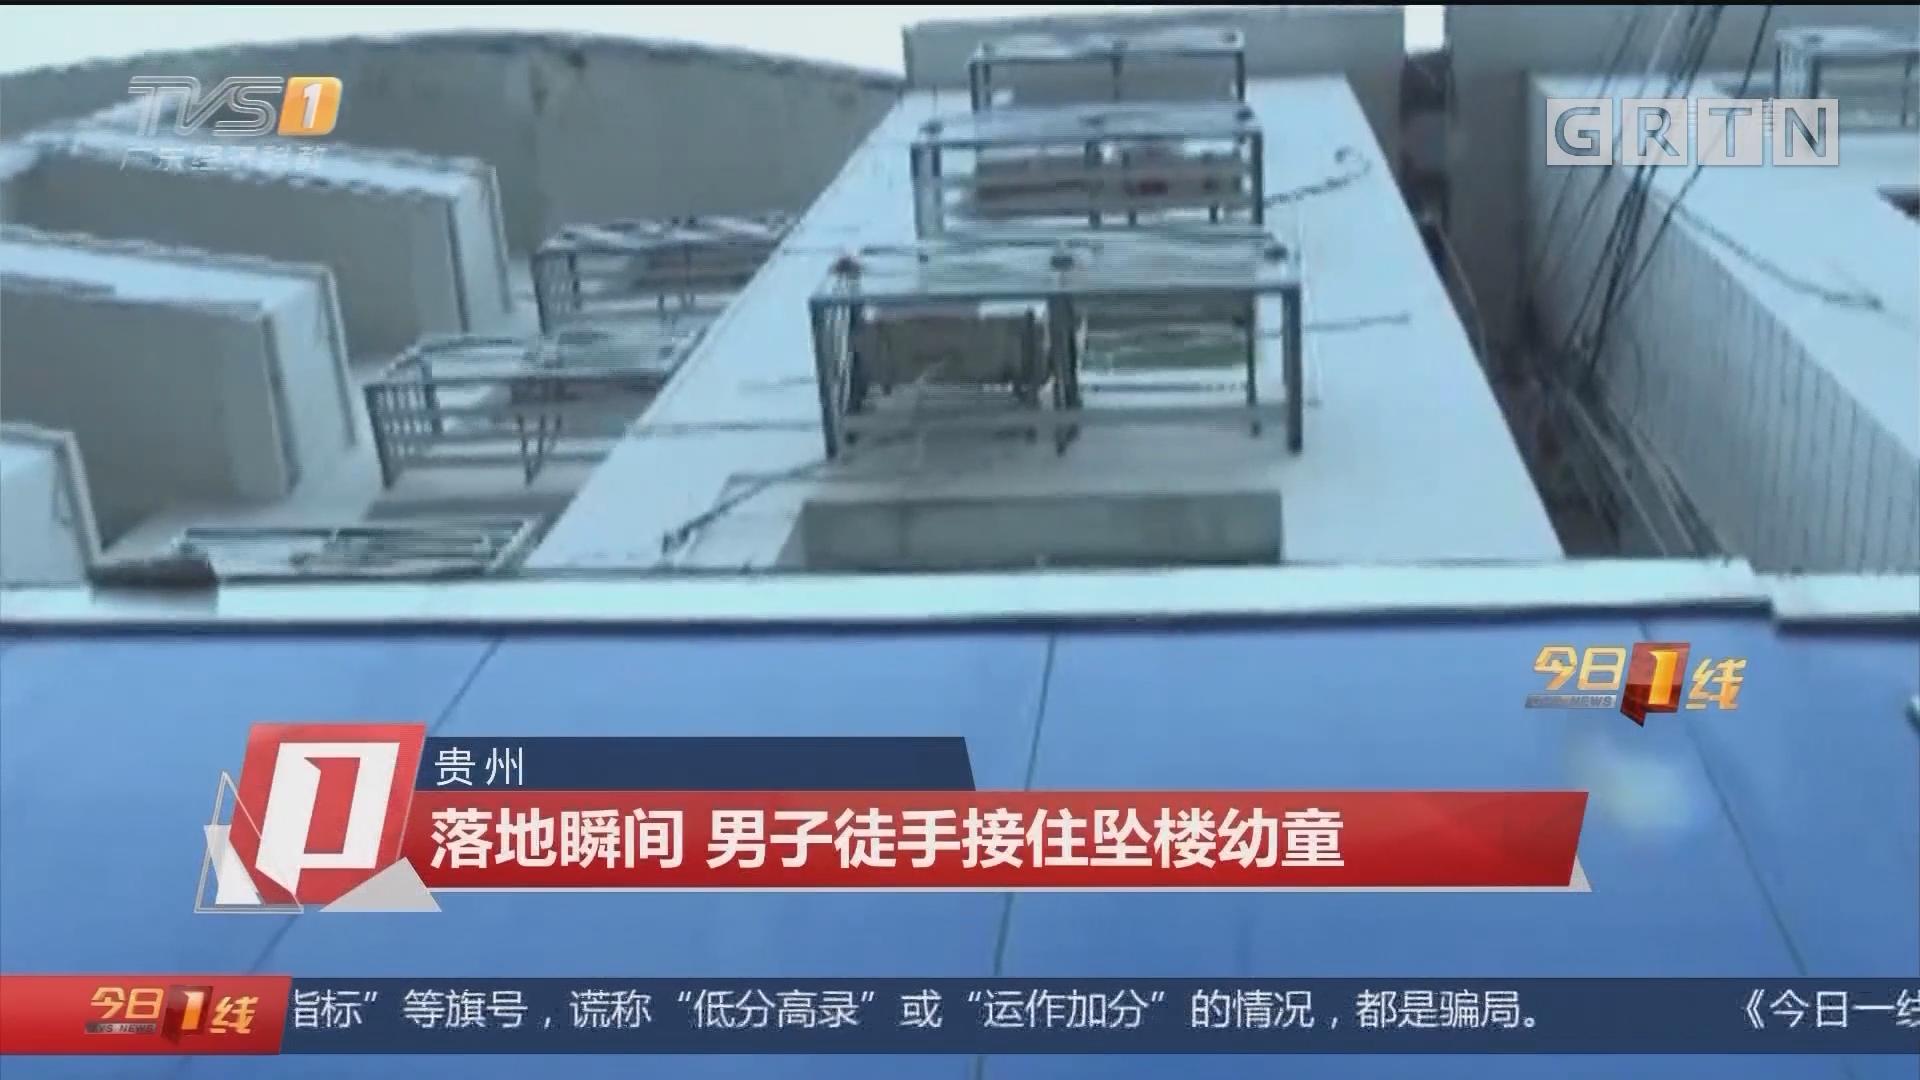 贵州:落地瞬间 男子徒手接住坠楼幼童